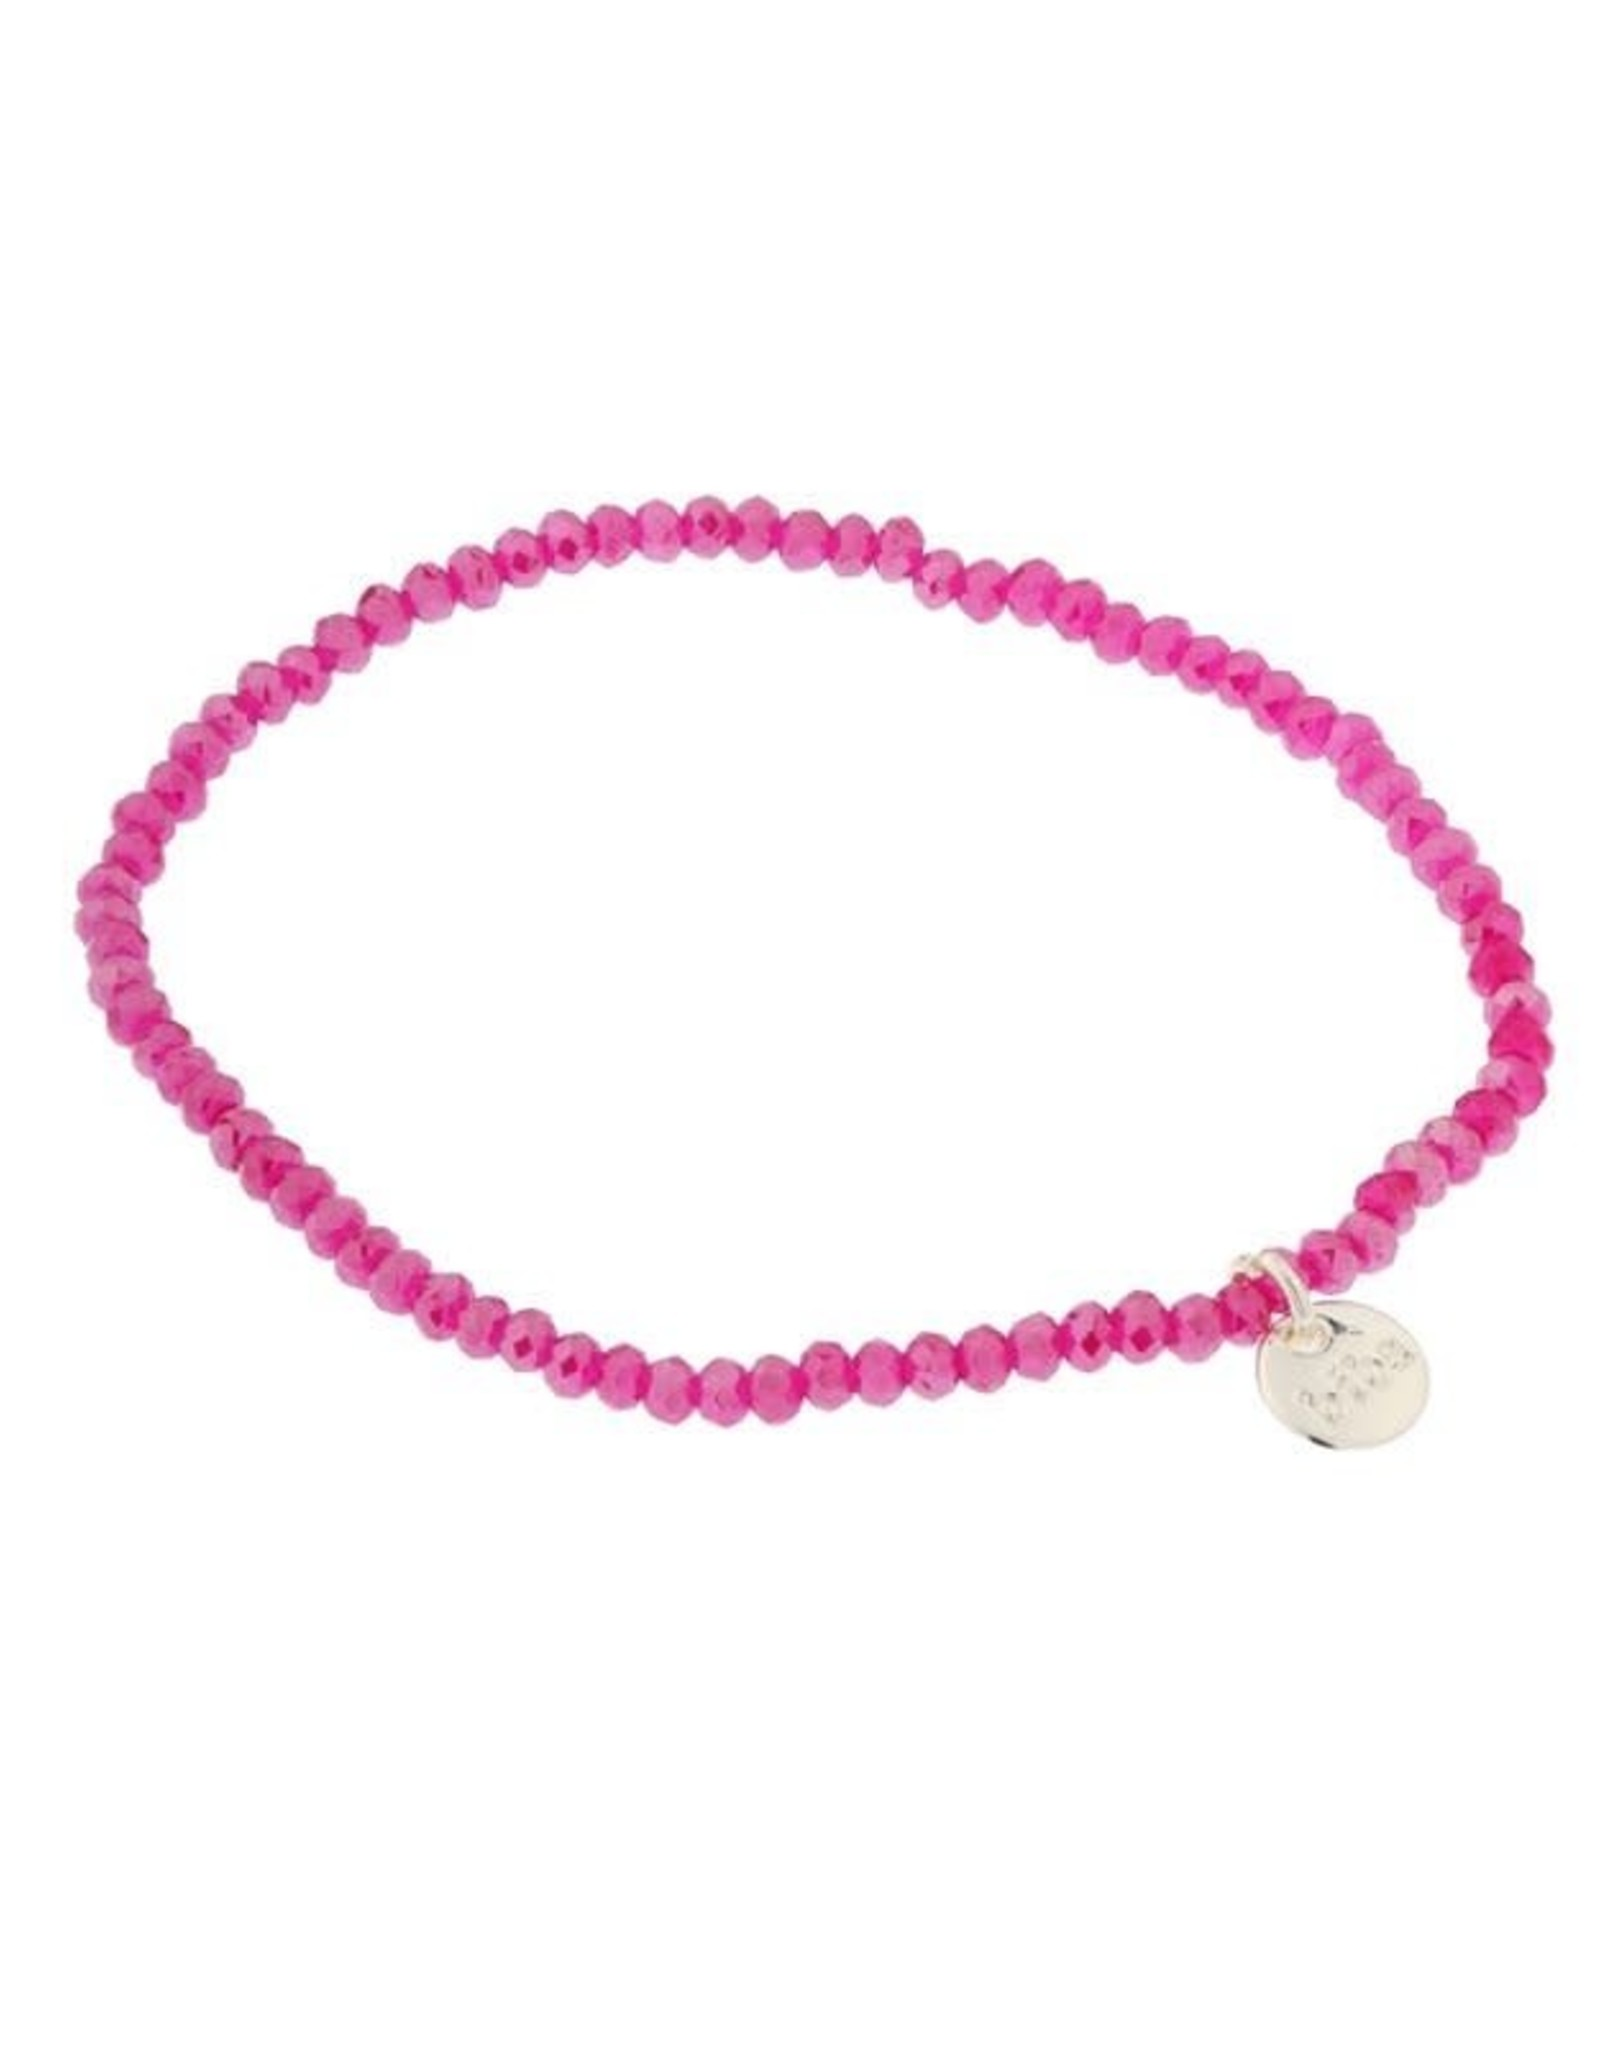 Biba Biba armband roze dun